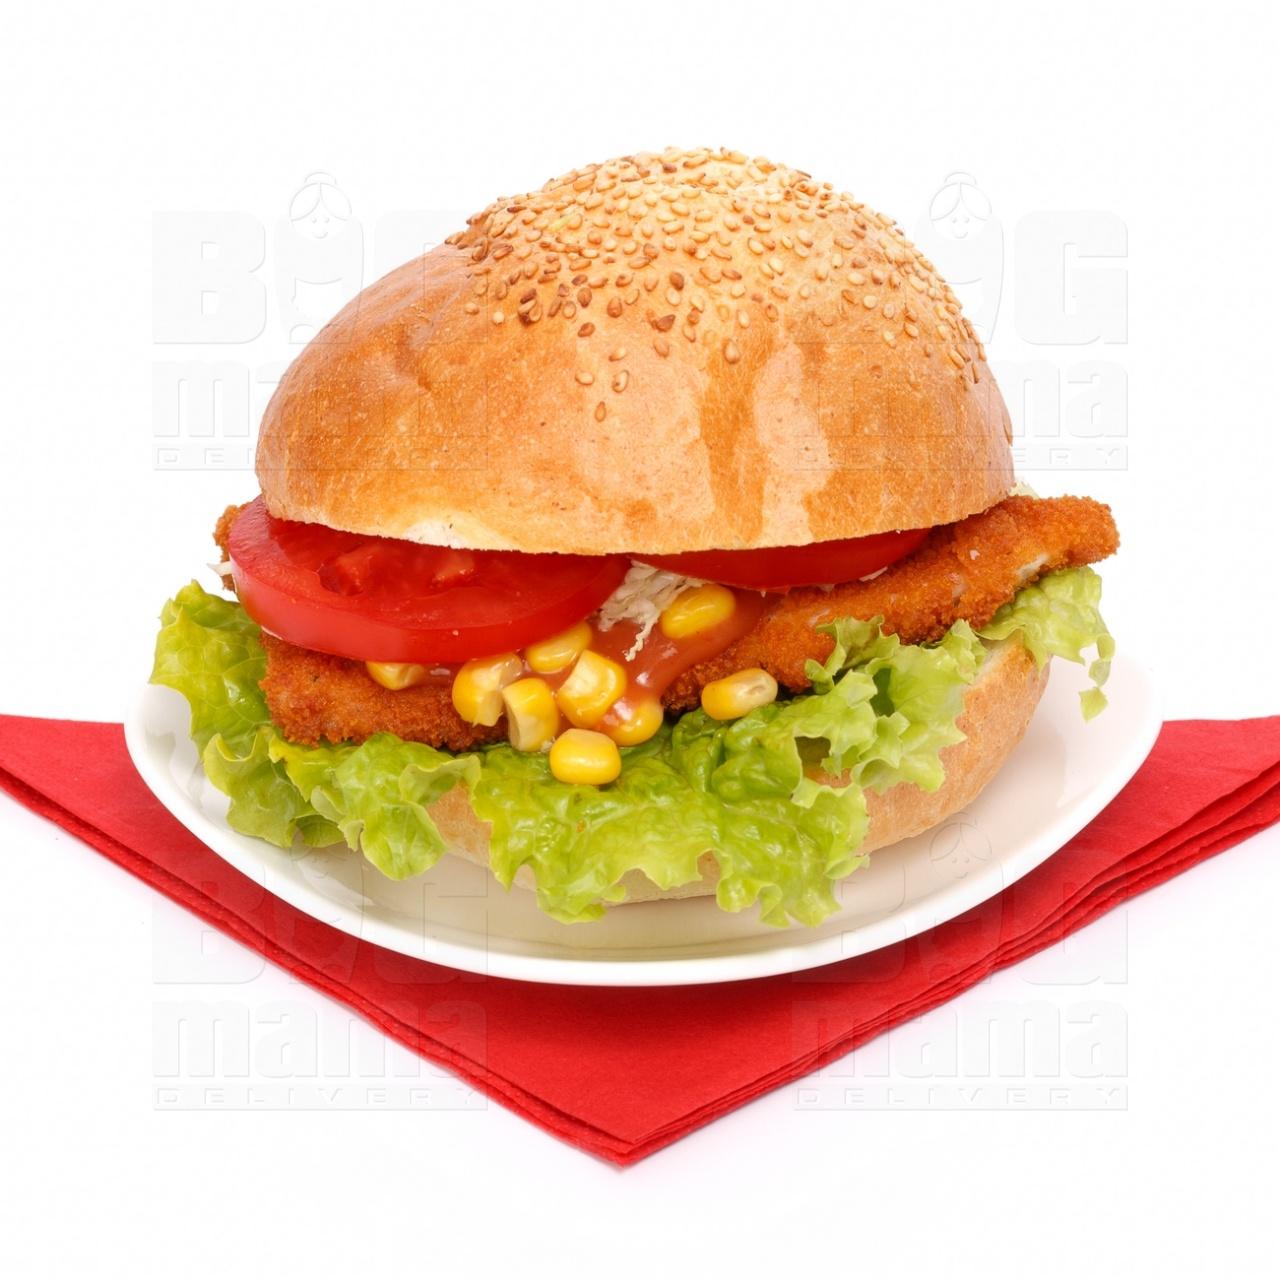 Product #54 image - Sandviş mare mexican cu şniţel de pui